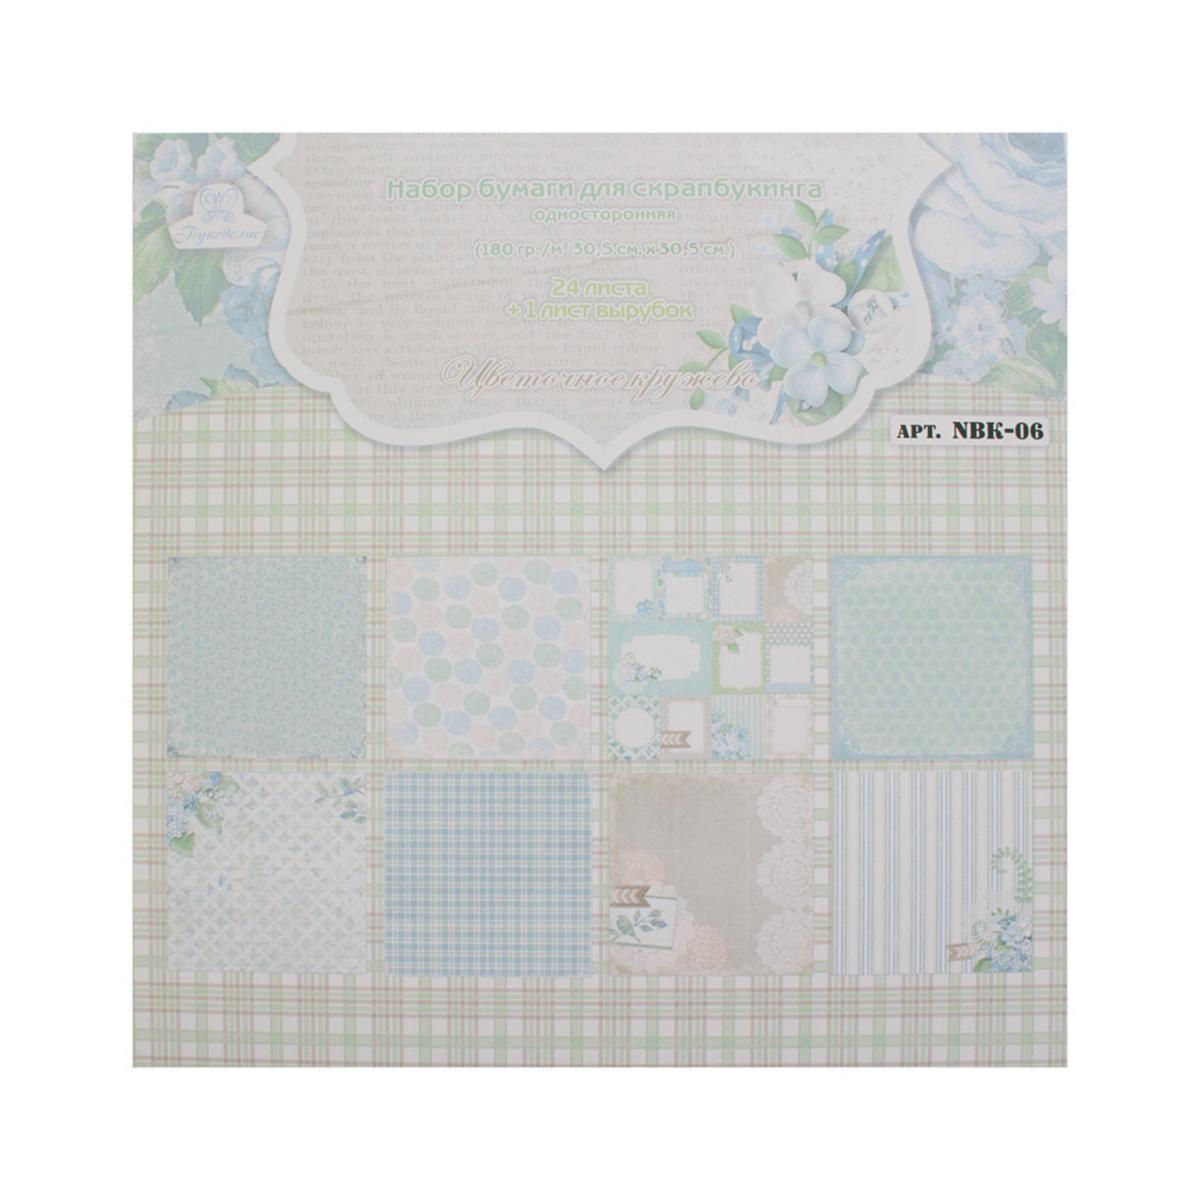 Набор бумаги для скрапбукинга Рукоделие Цветочное кружево, 30,5 х 30,5 смAL-017Набор бумаги для скрапбукинга Рукоделие Цветочное кружево, используется для изготовления открыток, приглашений, блокнотов и многих других милых вещей, выполненных своими руками. В набор входит: 25 односторонних листов (8 дизайнов по 3 листа + 1 лист с вырубкой). Плотность бумаги- 180 г/ м 2